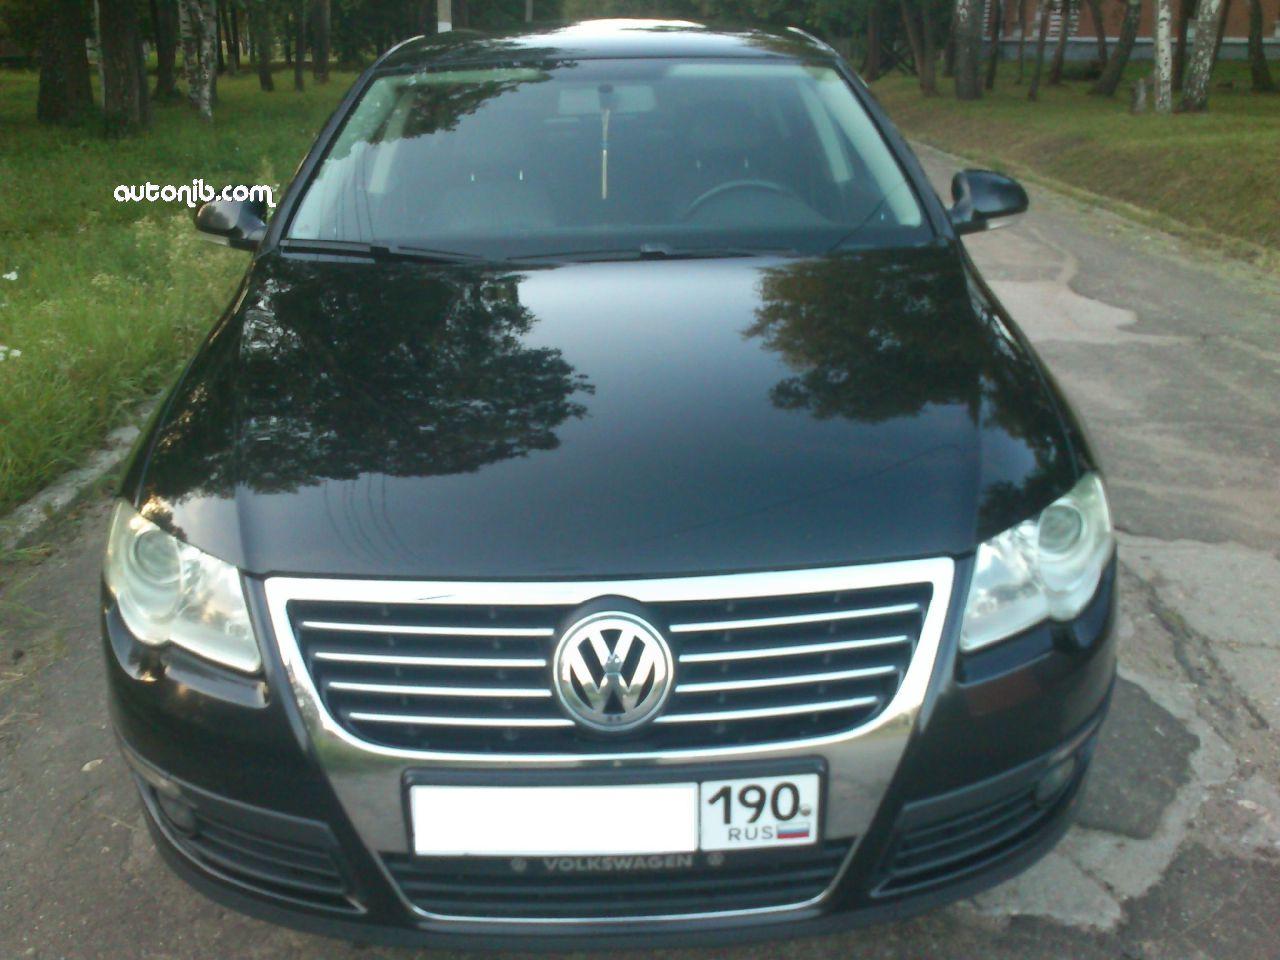 Купить Volkswagen Passat Sedan 2007 года в городе Климовск